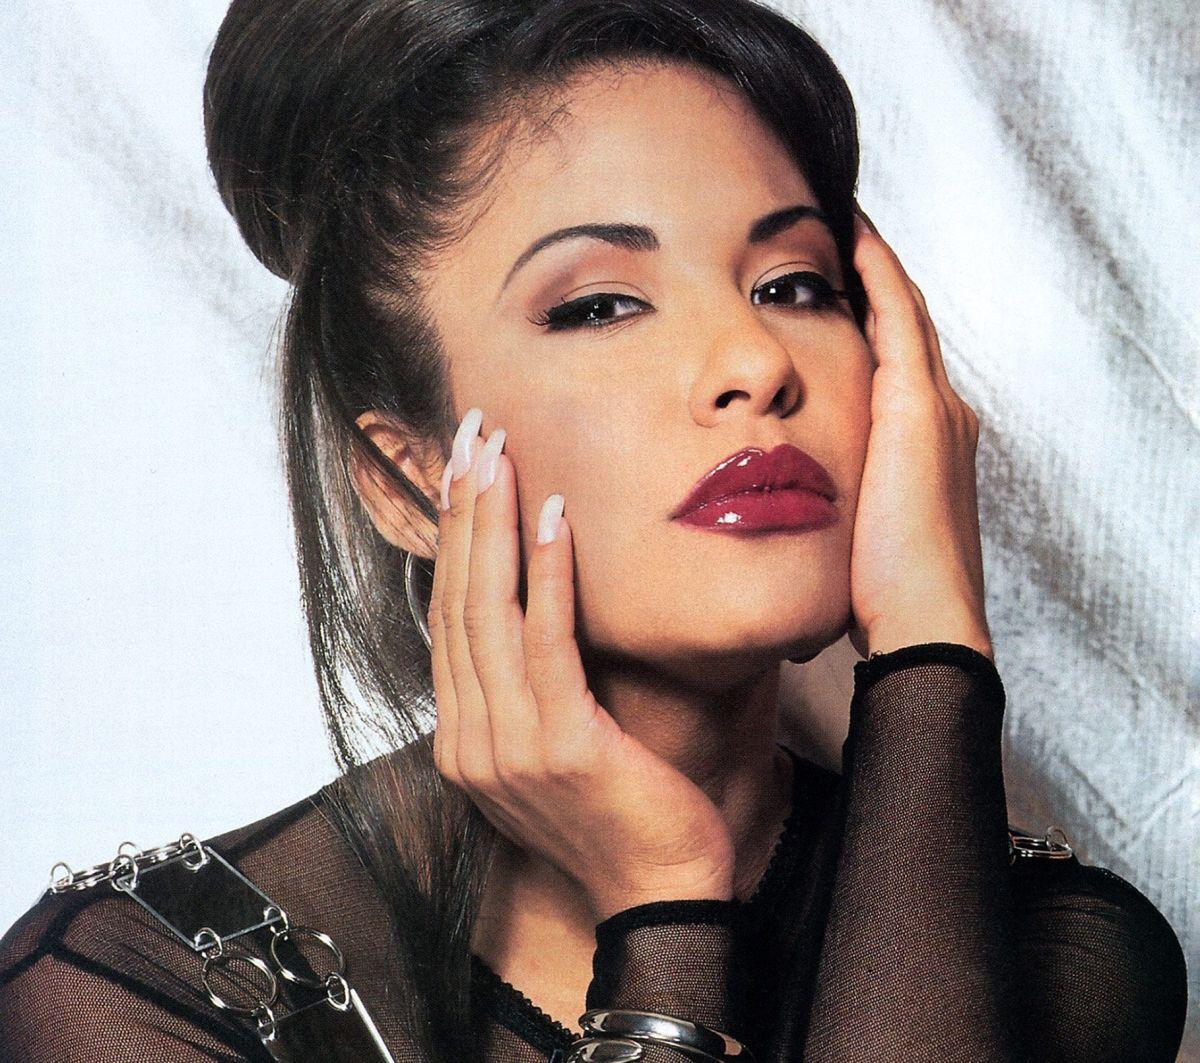 El ex de Selena Quintanilla, Chris Pérez, publica foto nunca antes vista de la cantante y sus fans se emocionan hasta las lágrimas.